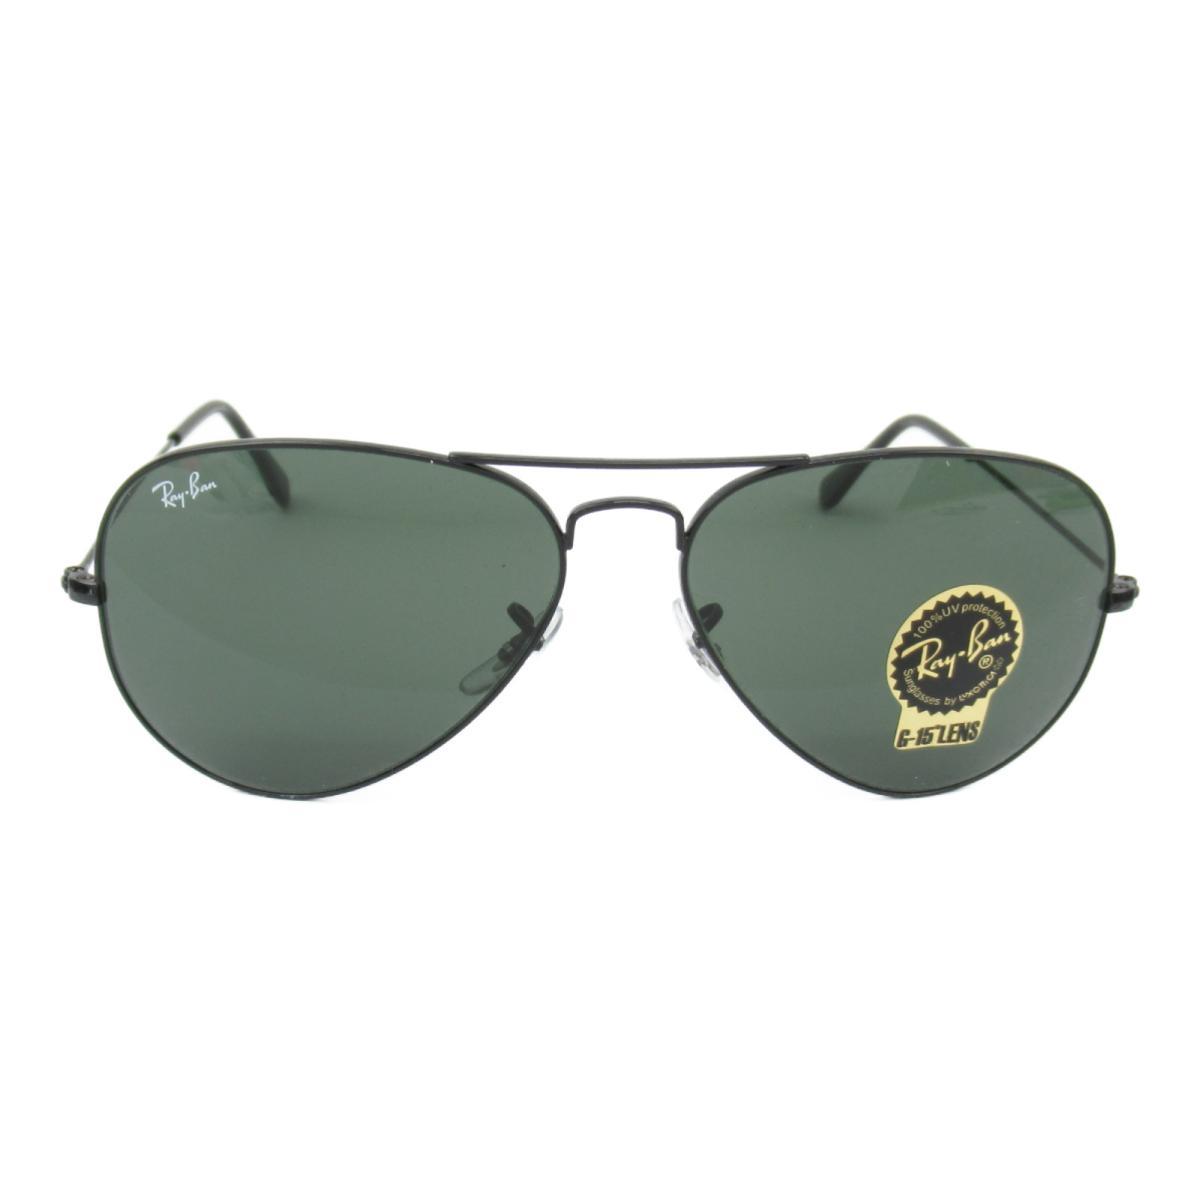 レイバン サングラス メンズ レディース レンズ;ガラス/フレーム・テンプル:ニッケル合金 ブラック x グリーン系 (3025 L2823 (58) ) | Ray Ban BRANDOFF ブランドオフ ブランド ブランド雑貨 小物 雑貨 眼鏡 メガネ めがね